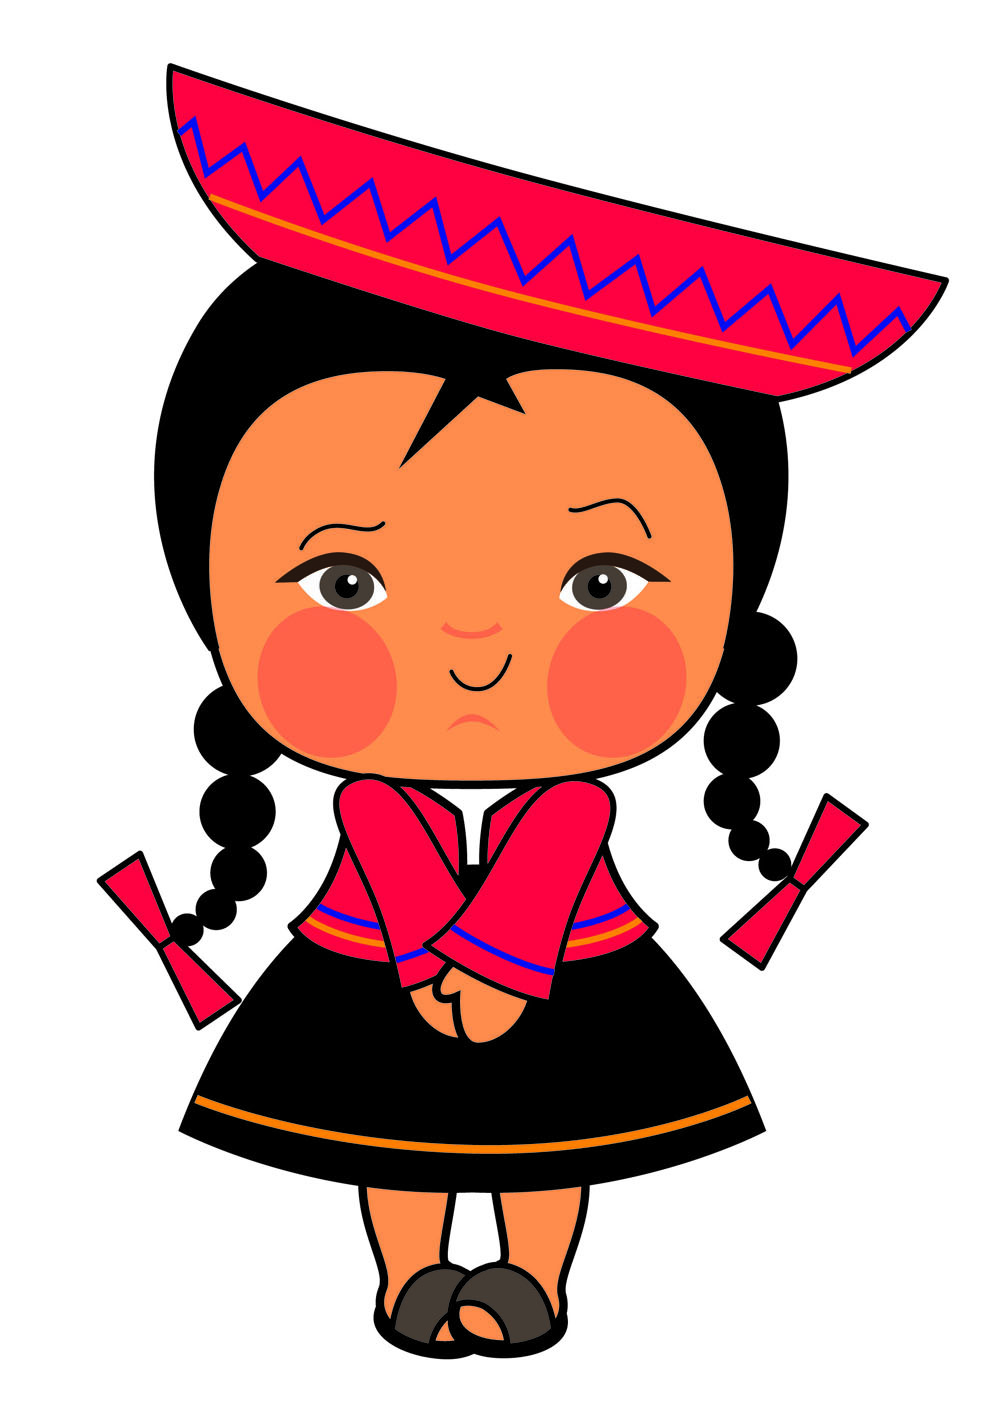 Patricia vasquez de velasco caricatura pucca serranita 04